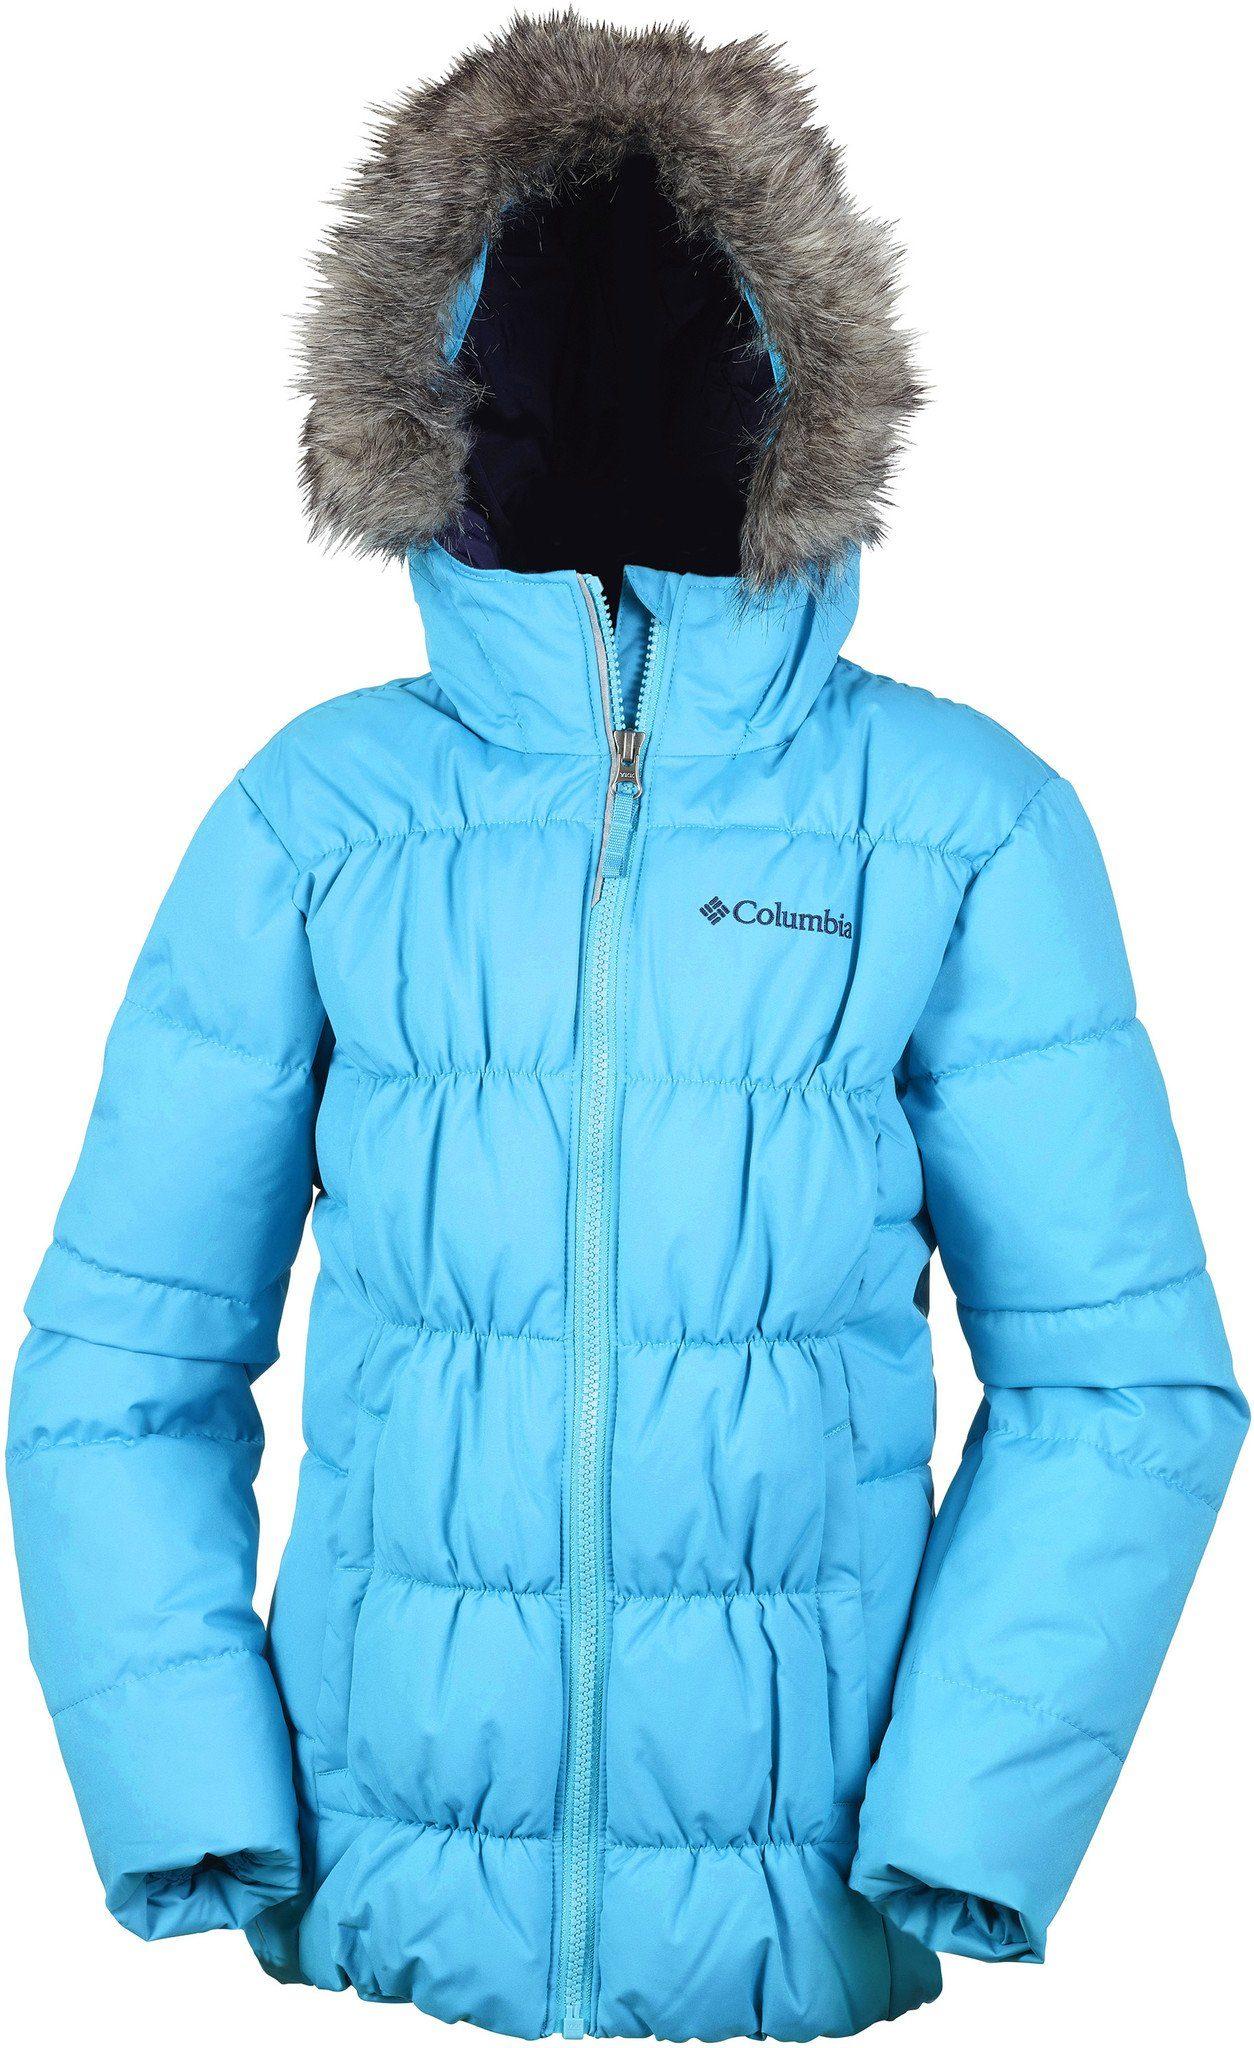 Columbia Winterjacke GYROSLOPE für Mädchen kaufen | OTTO